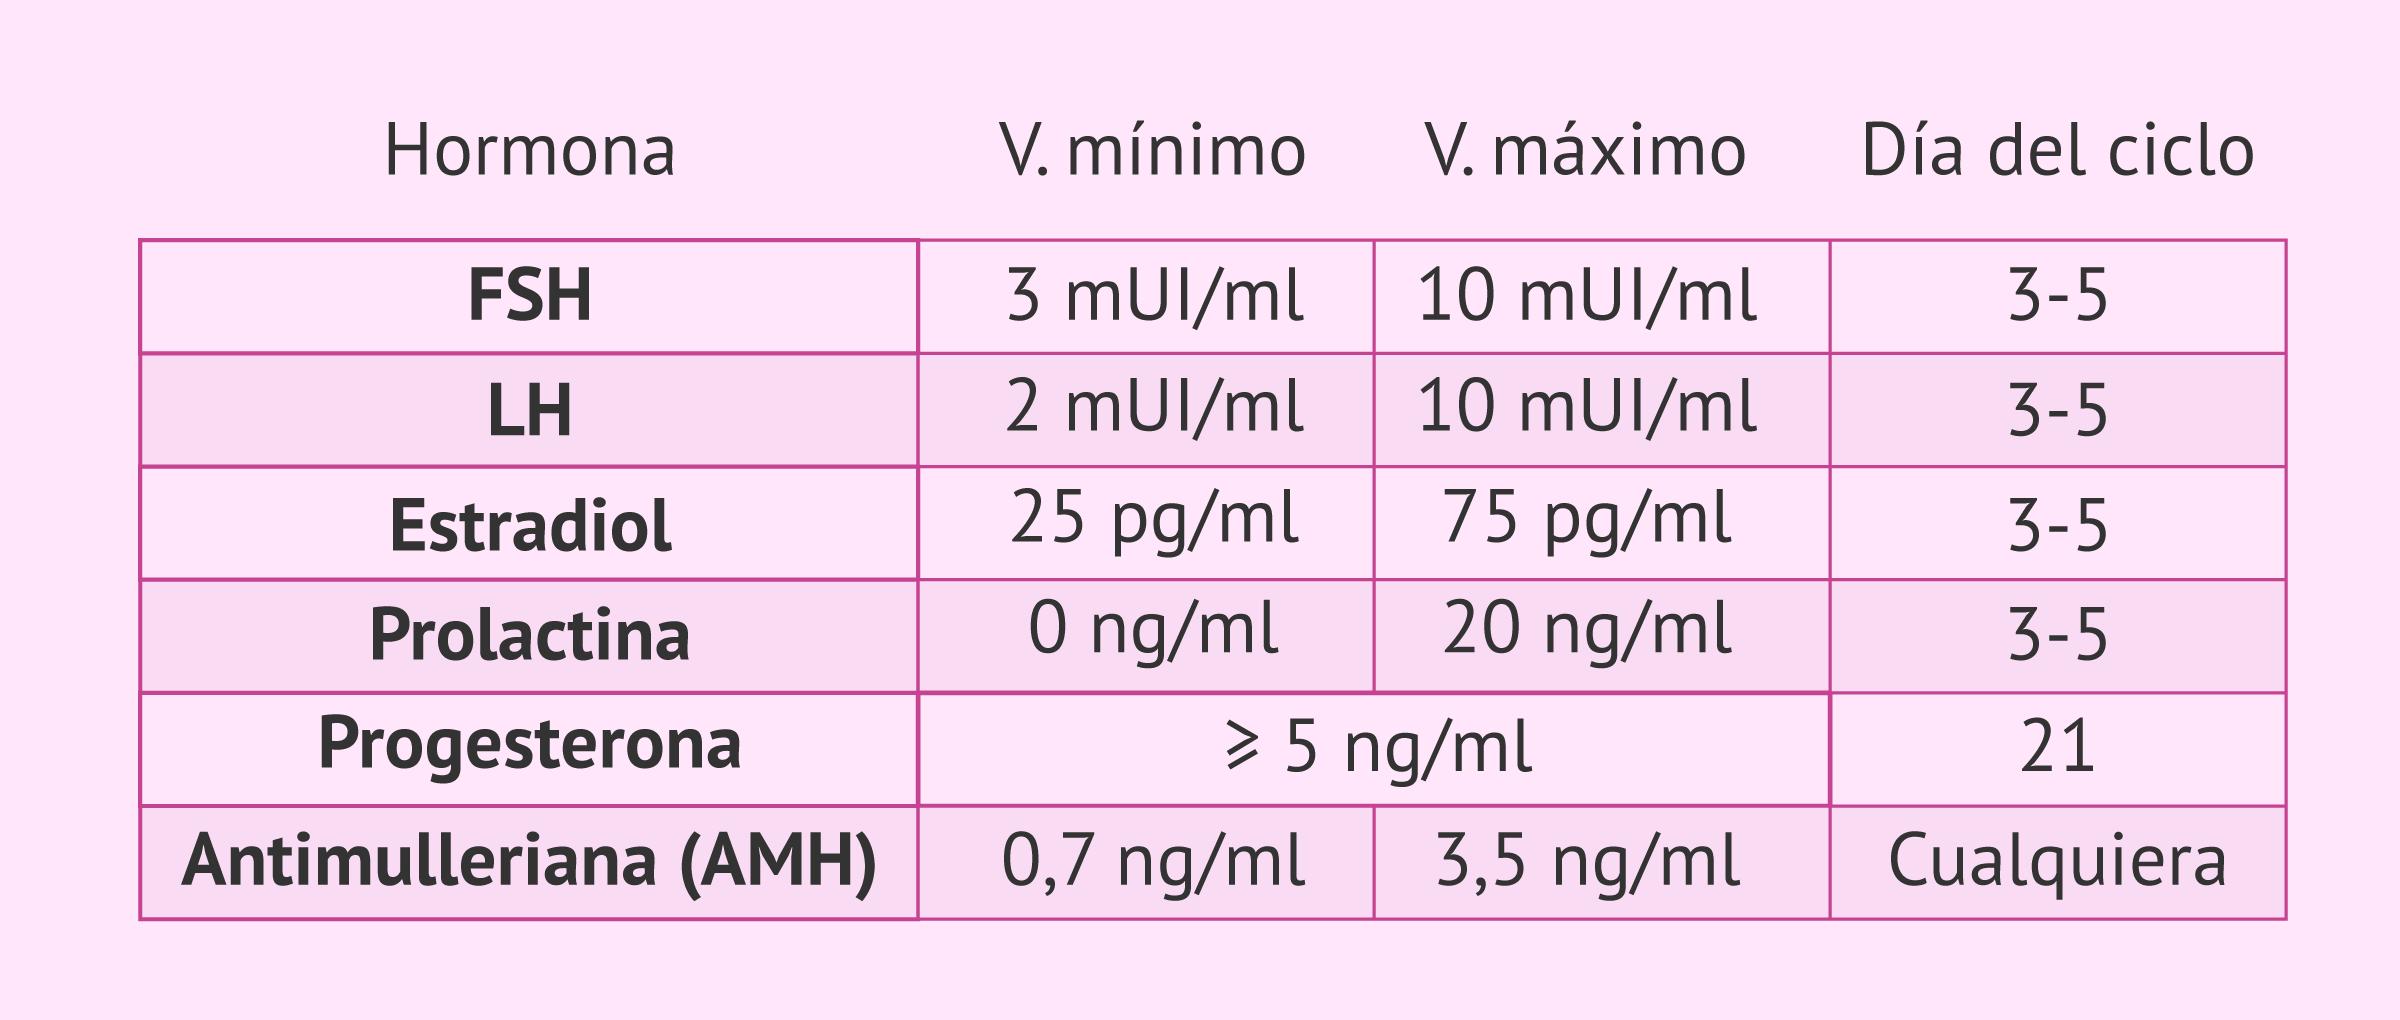 Tabla de valores hormonales en la mujer